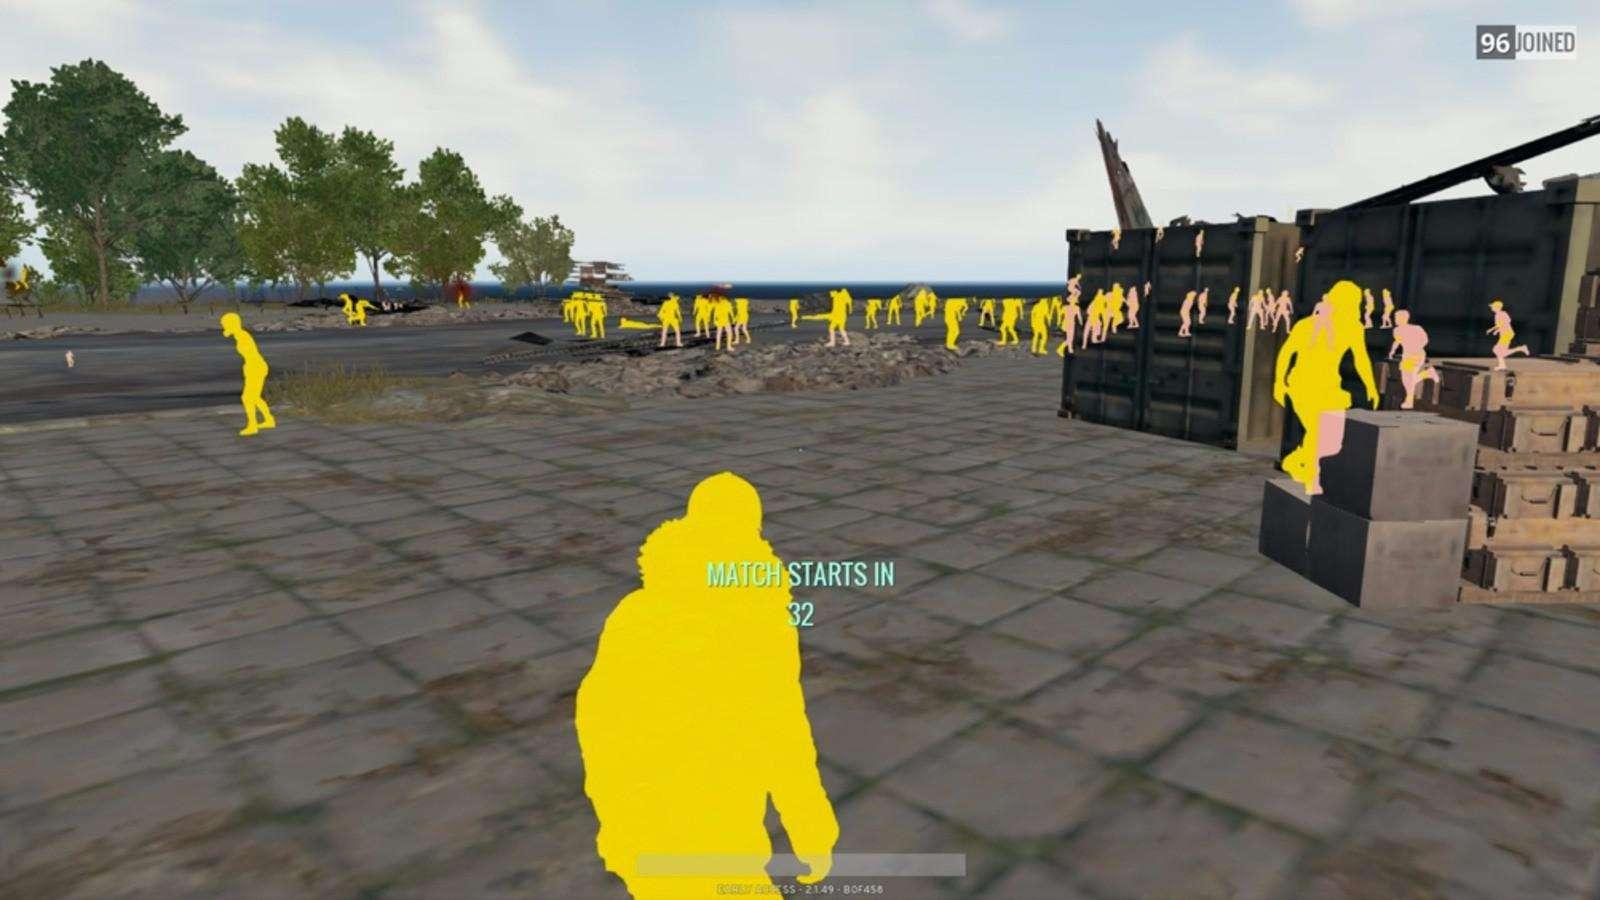 在游戏中,使用修改器这一行为你是如何看待的?